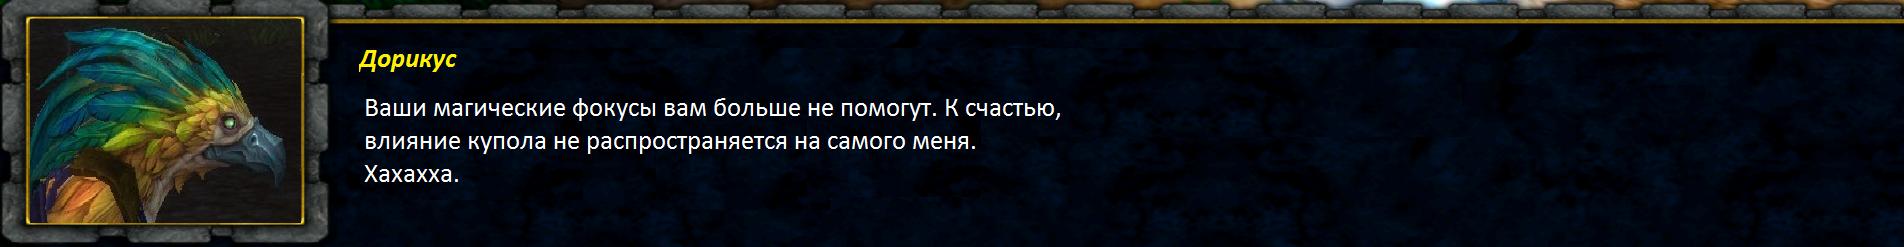 диалог Дорикус 15.30